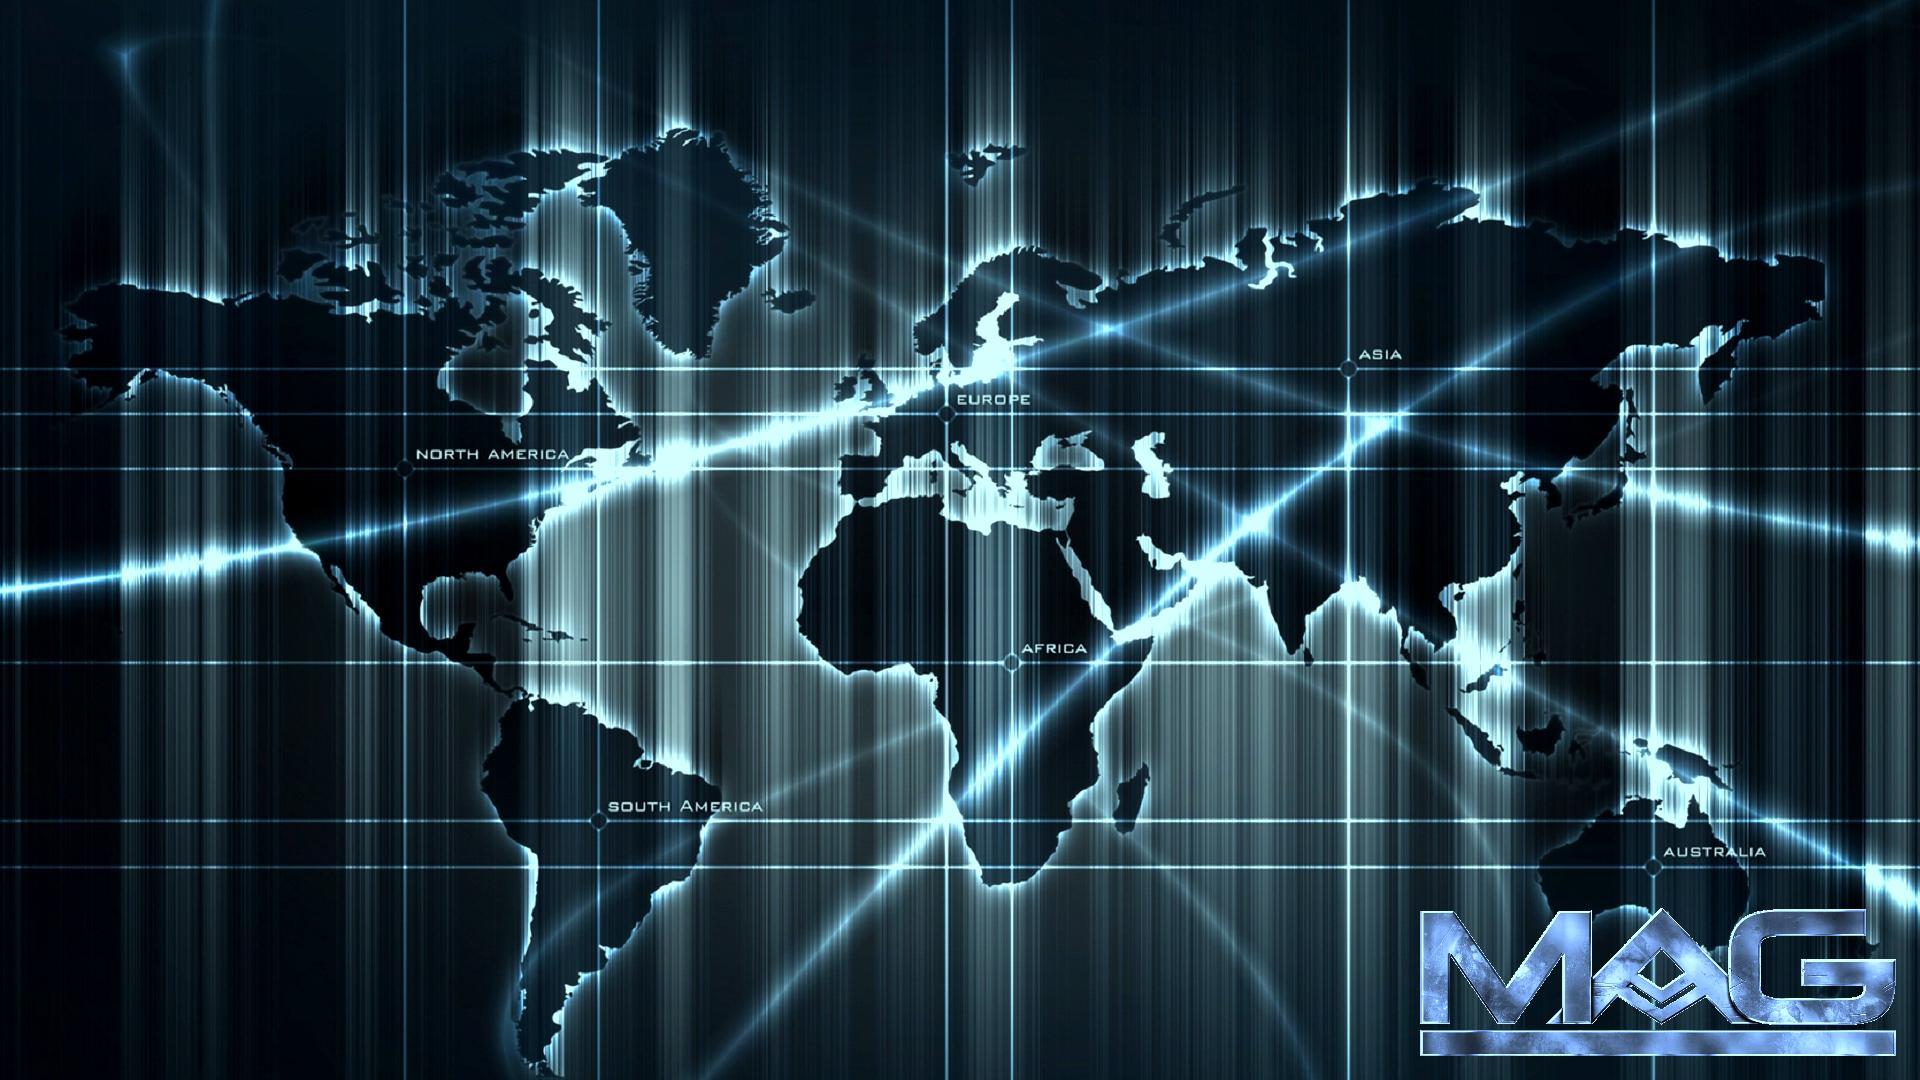 World Map wallpaper 74271 1920x1080